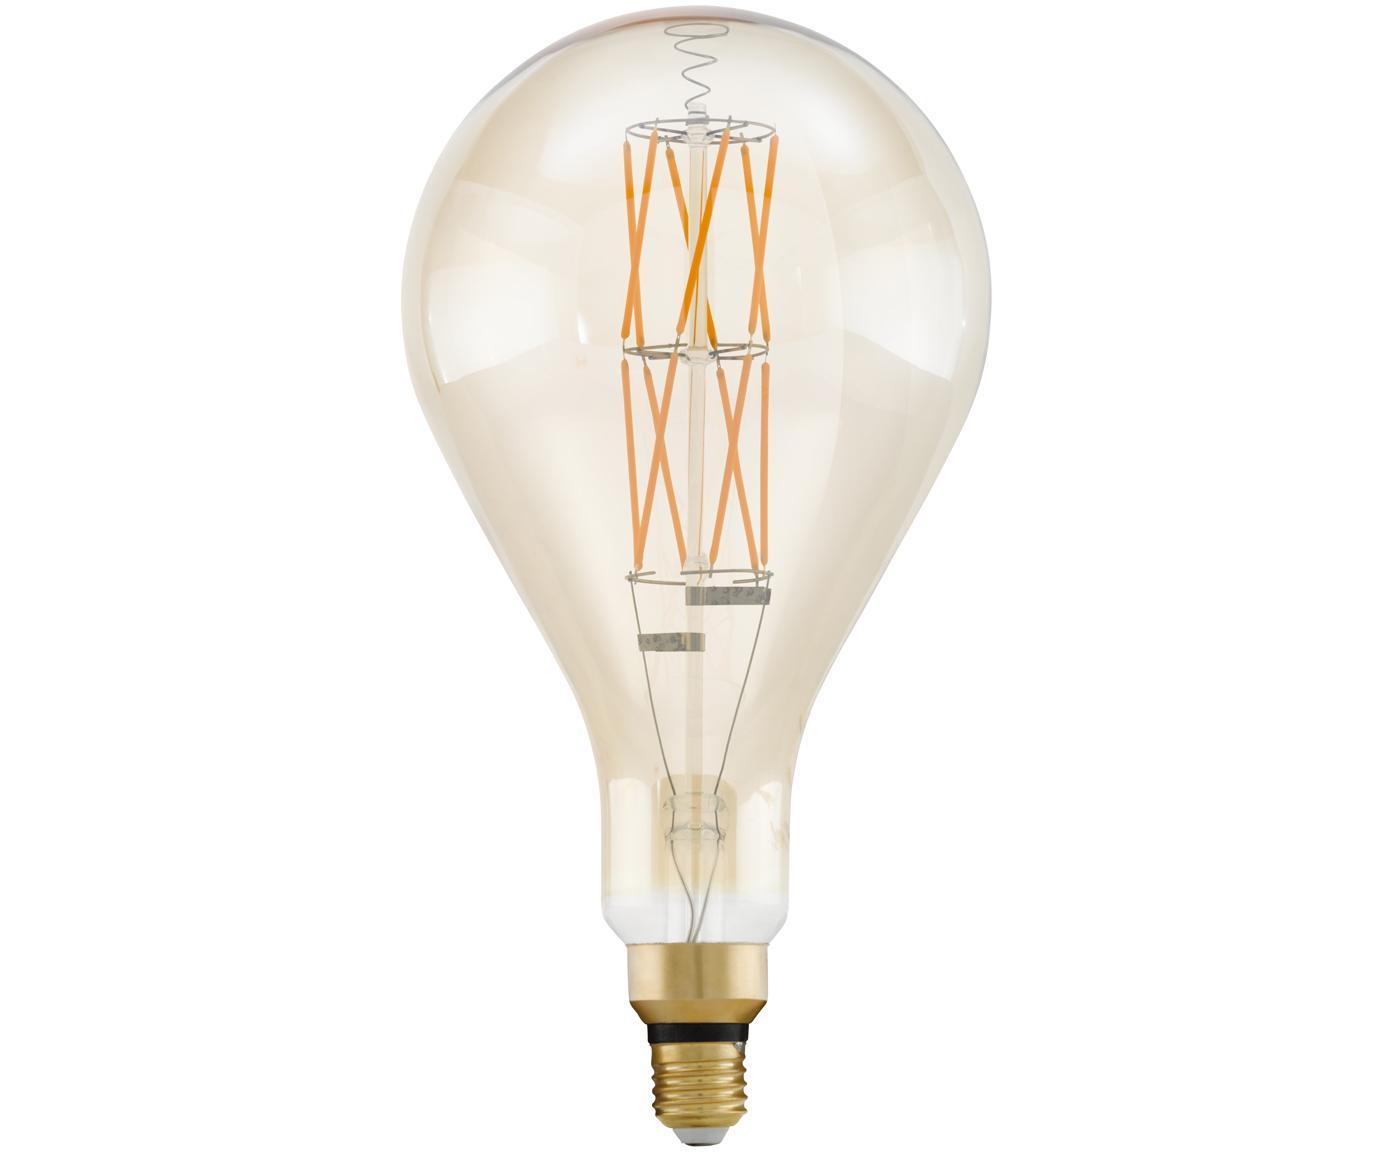 Żarówka LED XL Crisscross (E27 / 8 W), Transparentny, odcienie bursztynowego, Ø 16 x W 30 cm